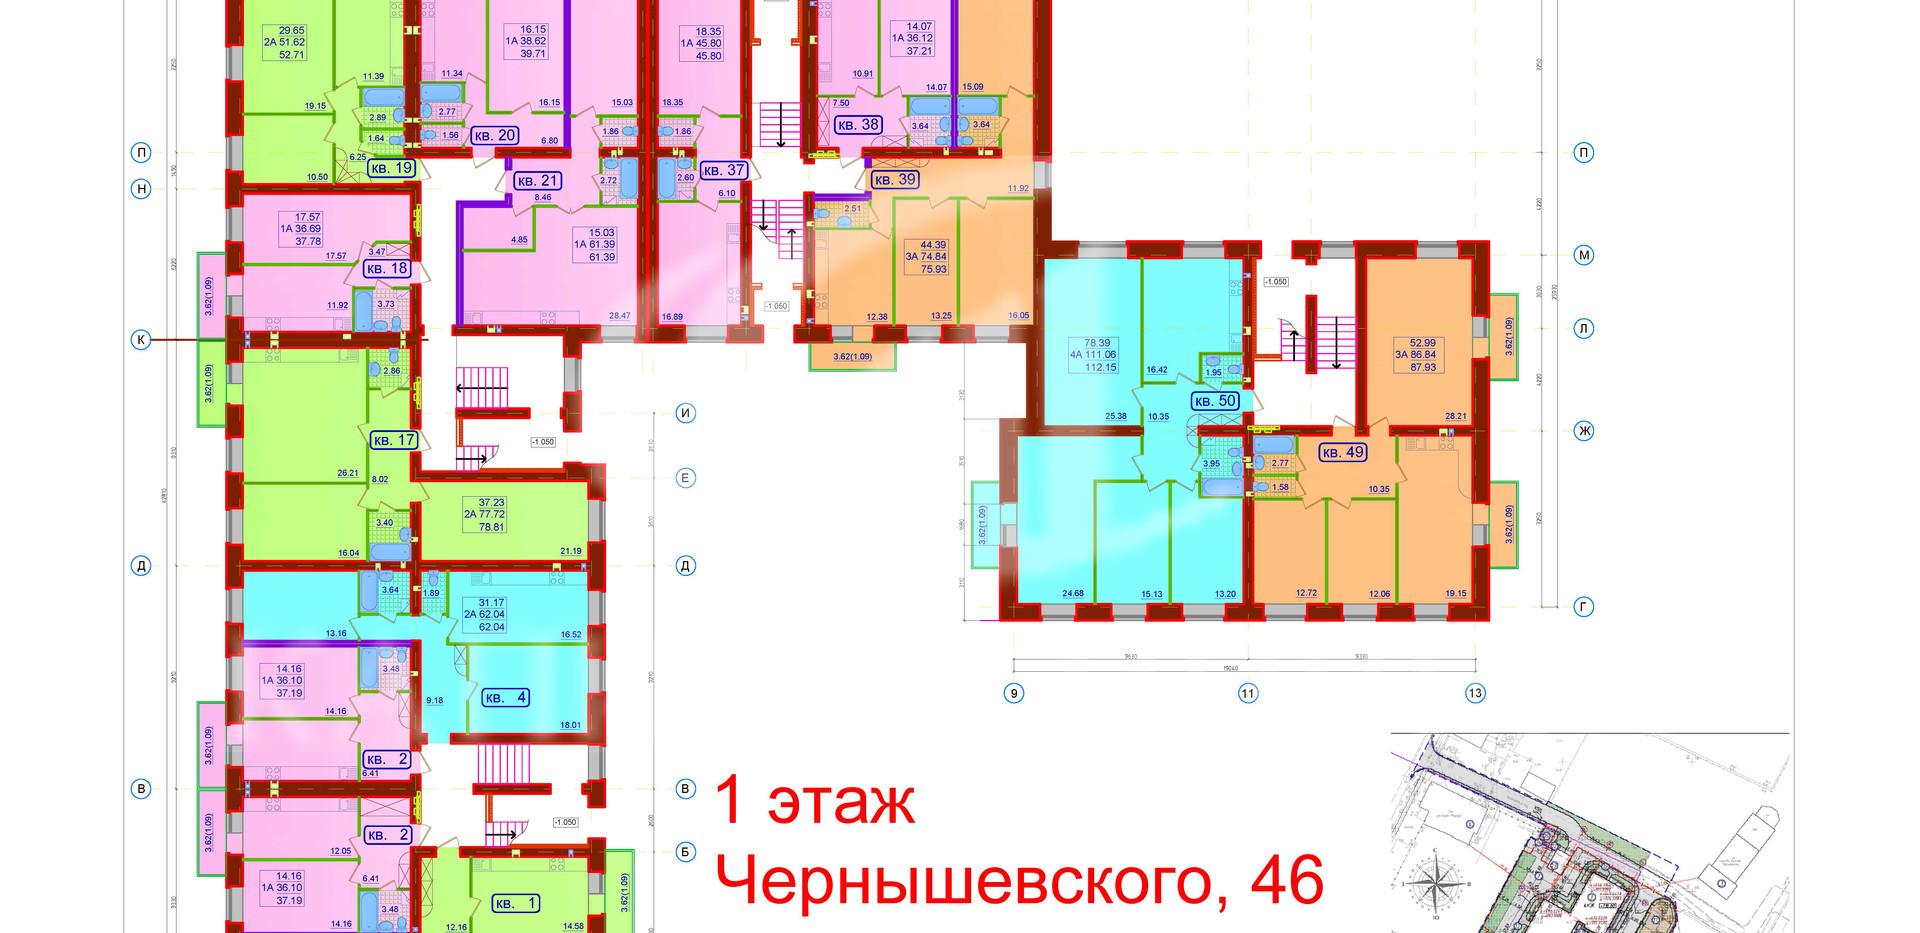 Планировки Черныш.46 этаж 1 испр.jpg